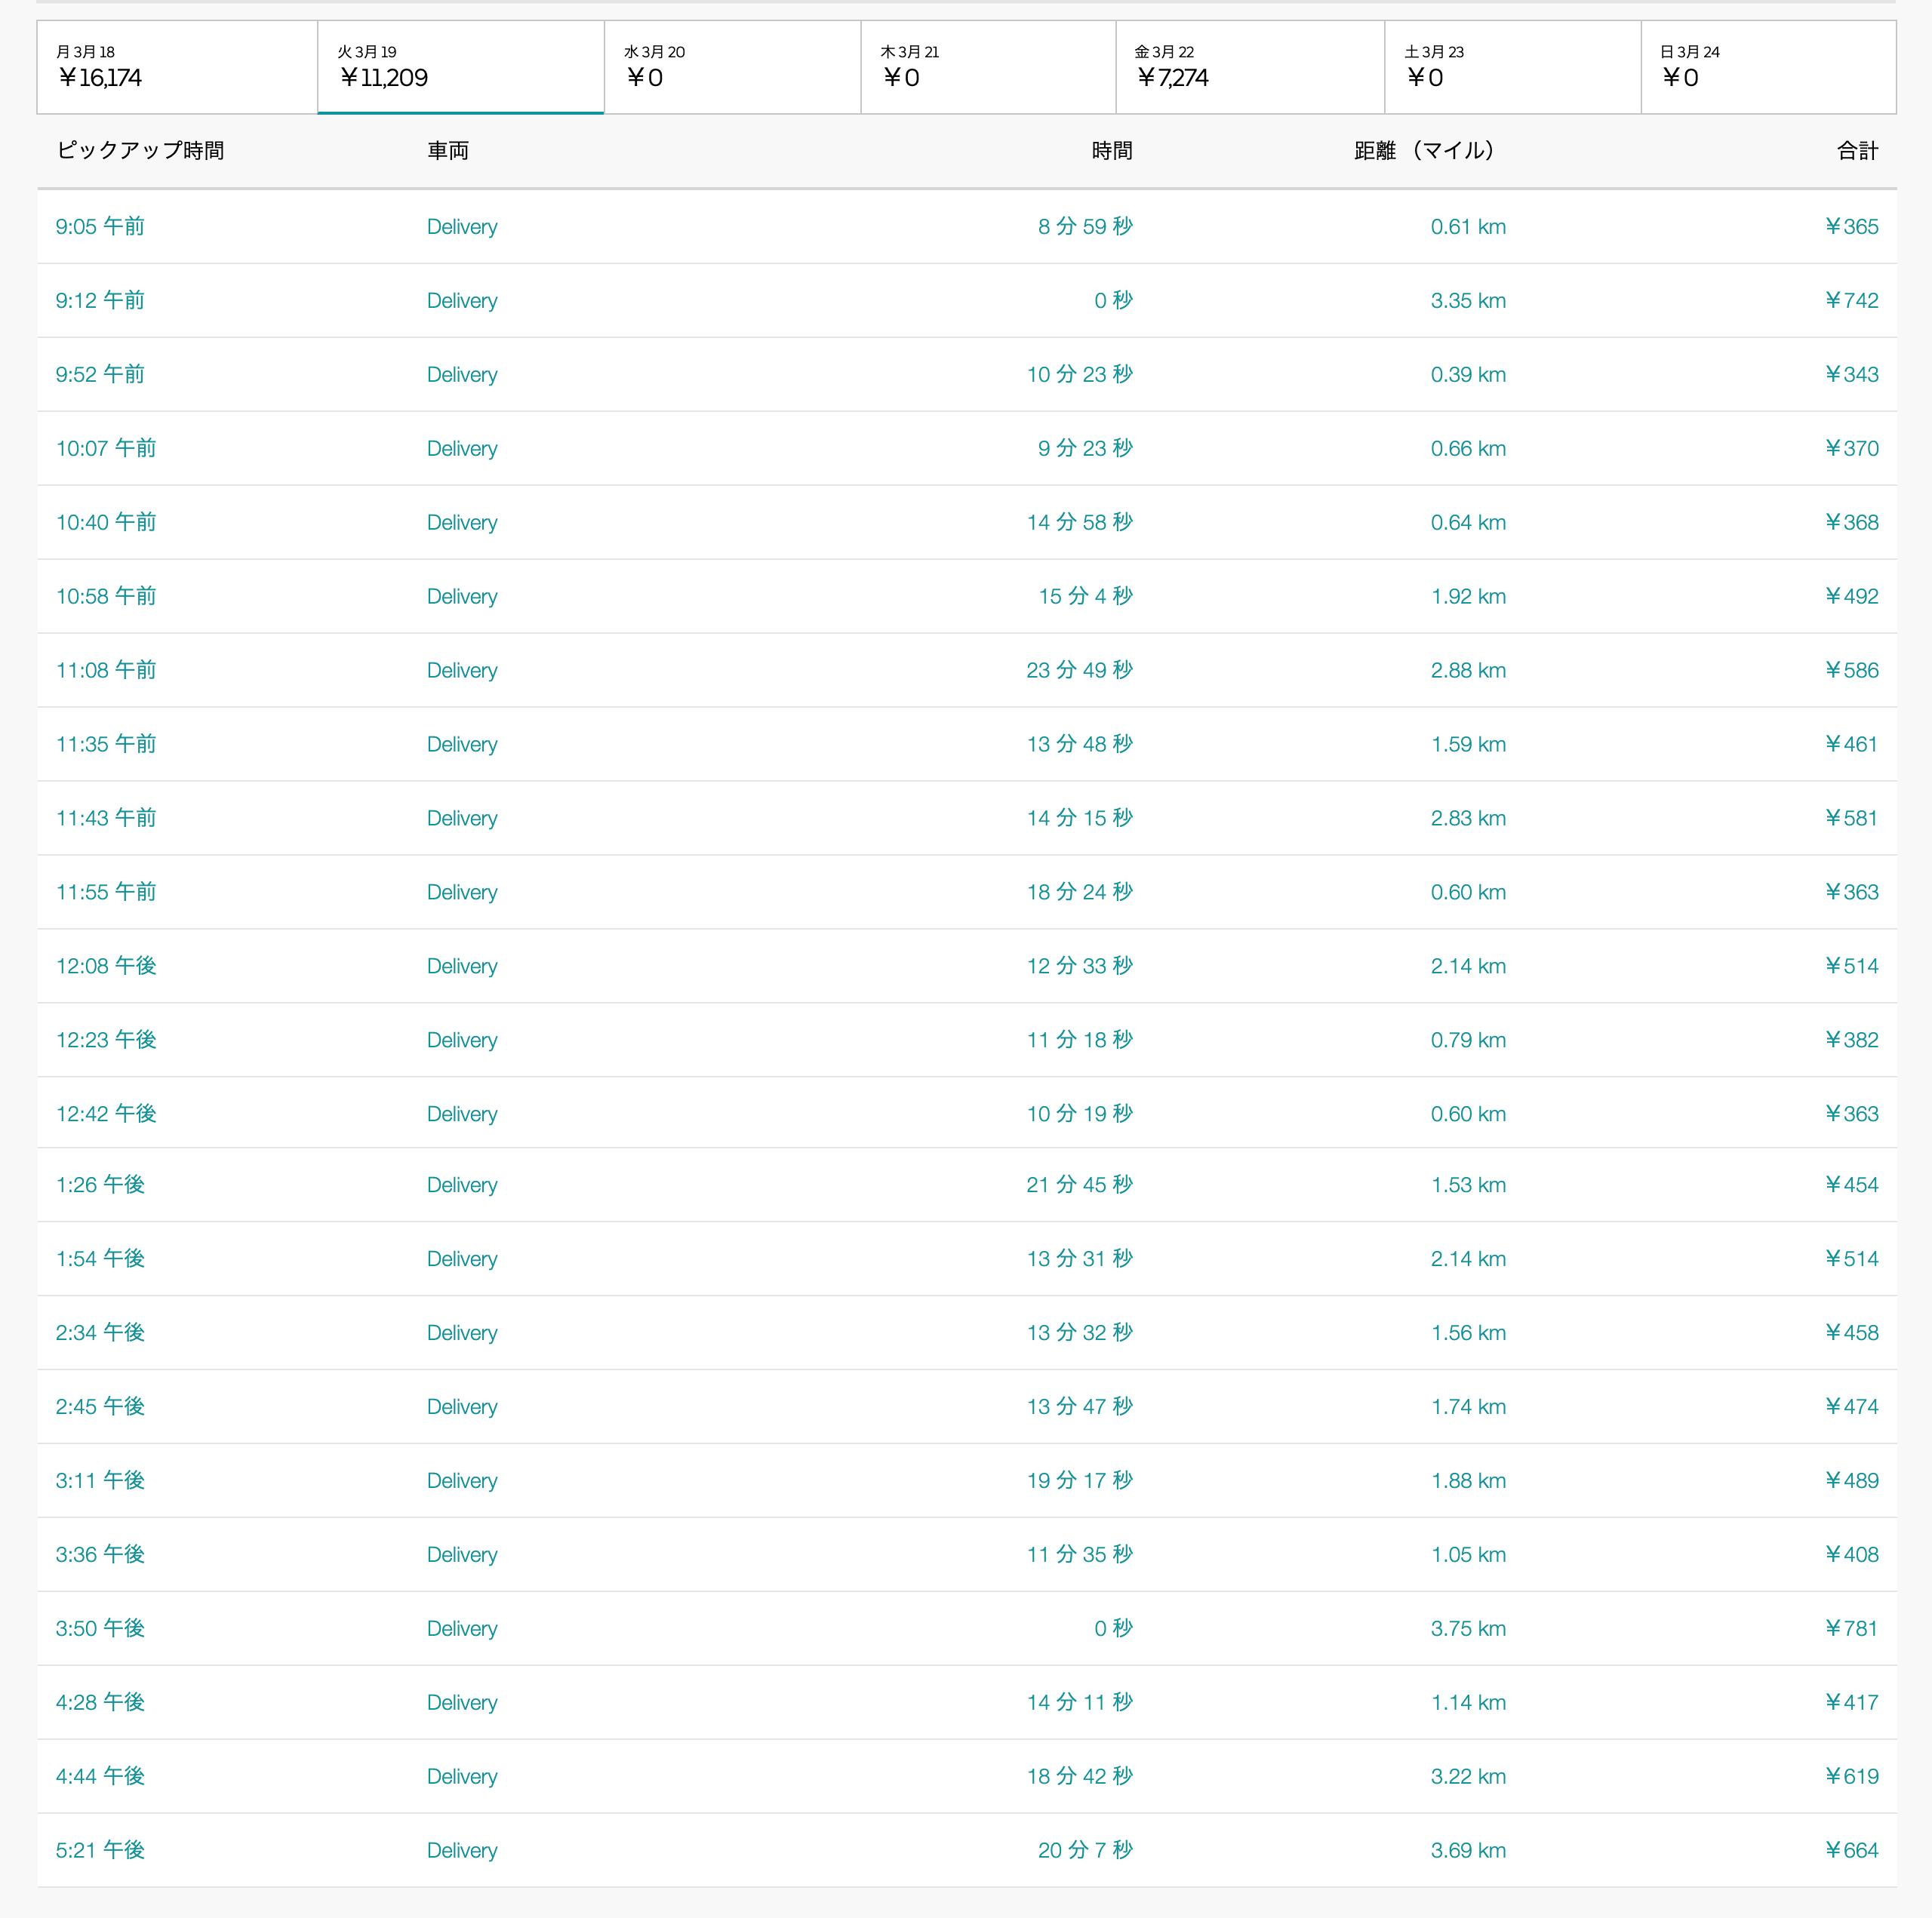 Uber Eats3月19日の配達数字